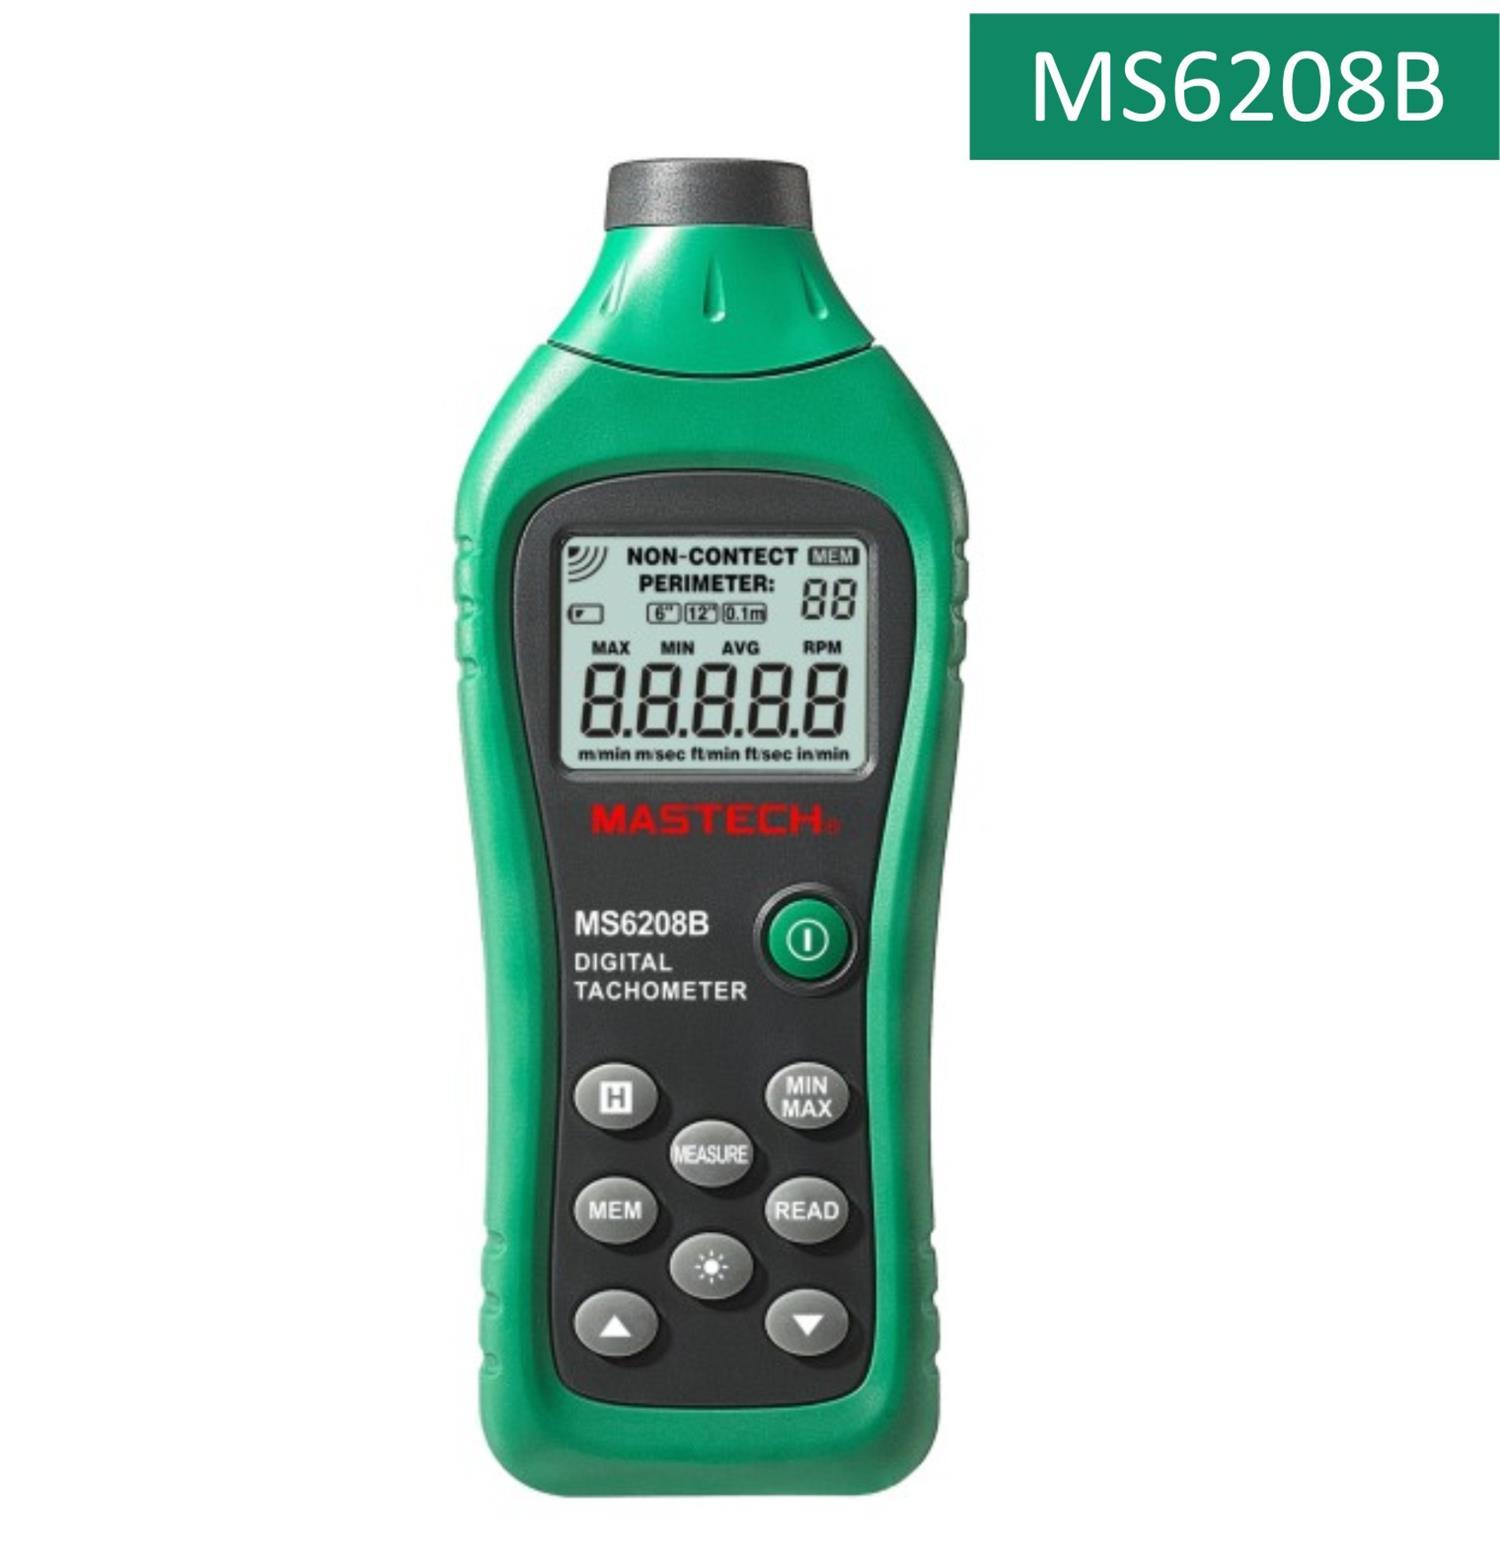 MS6208B